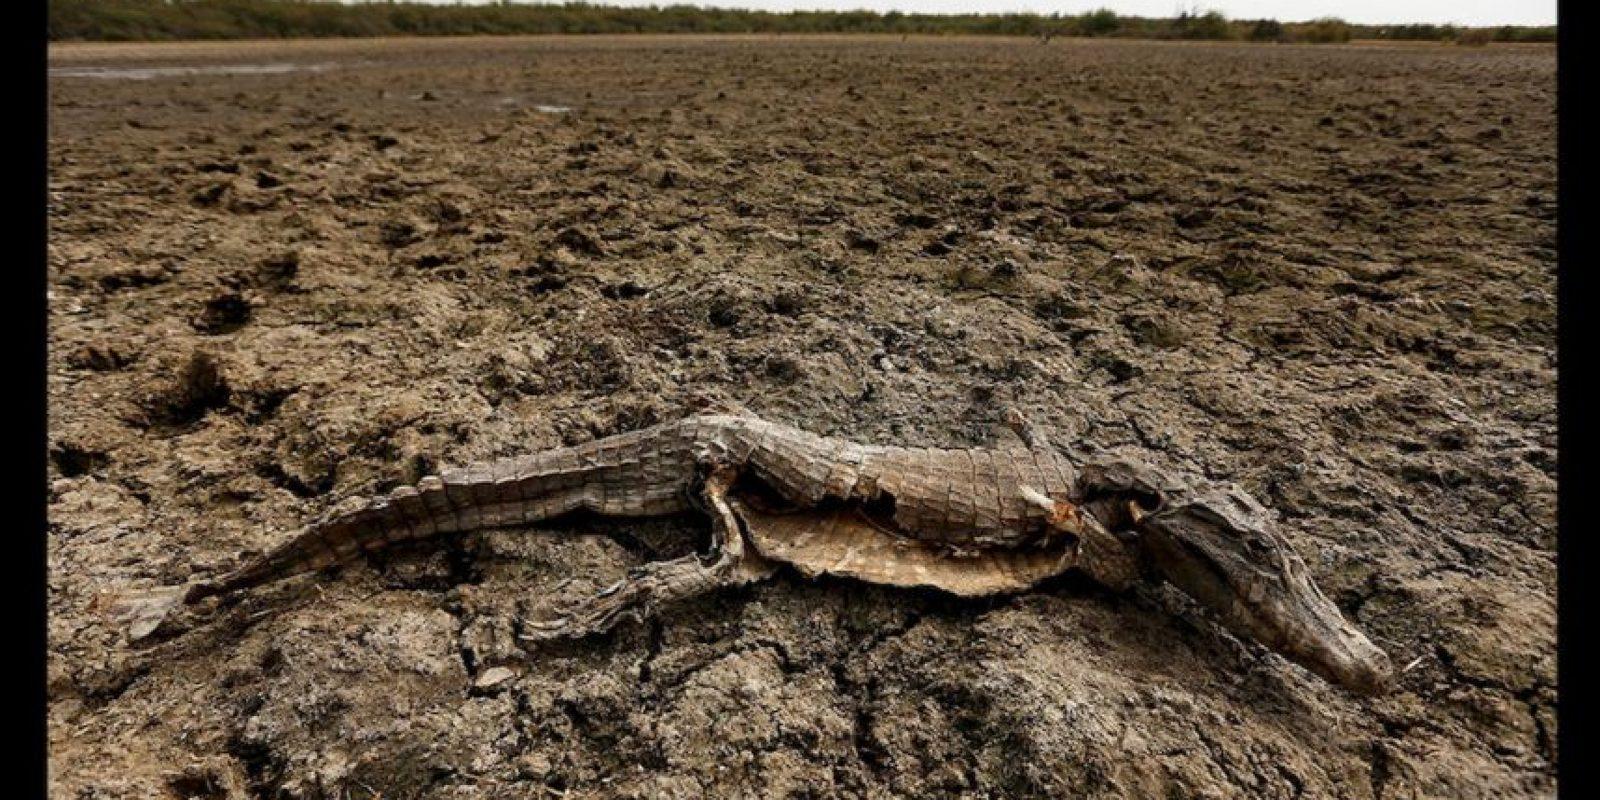 Caimanes yacarés, peces y carpinchos son los animales más afectados por una fuerte sequía que afecta la región. Foto:AP